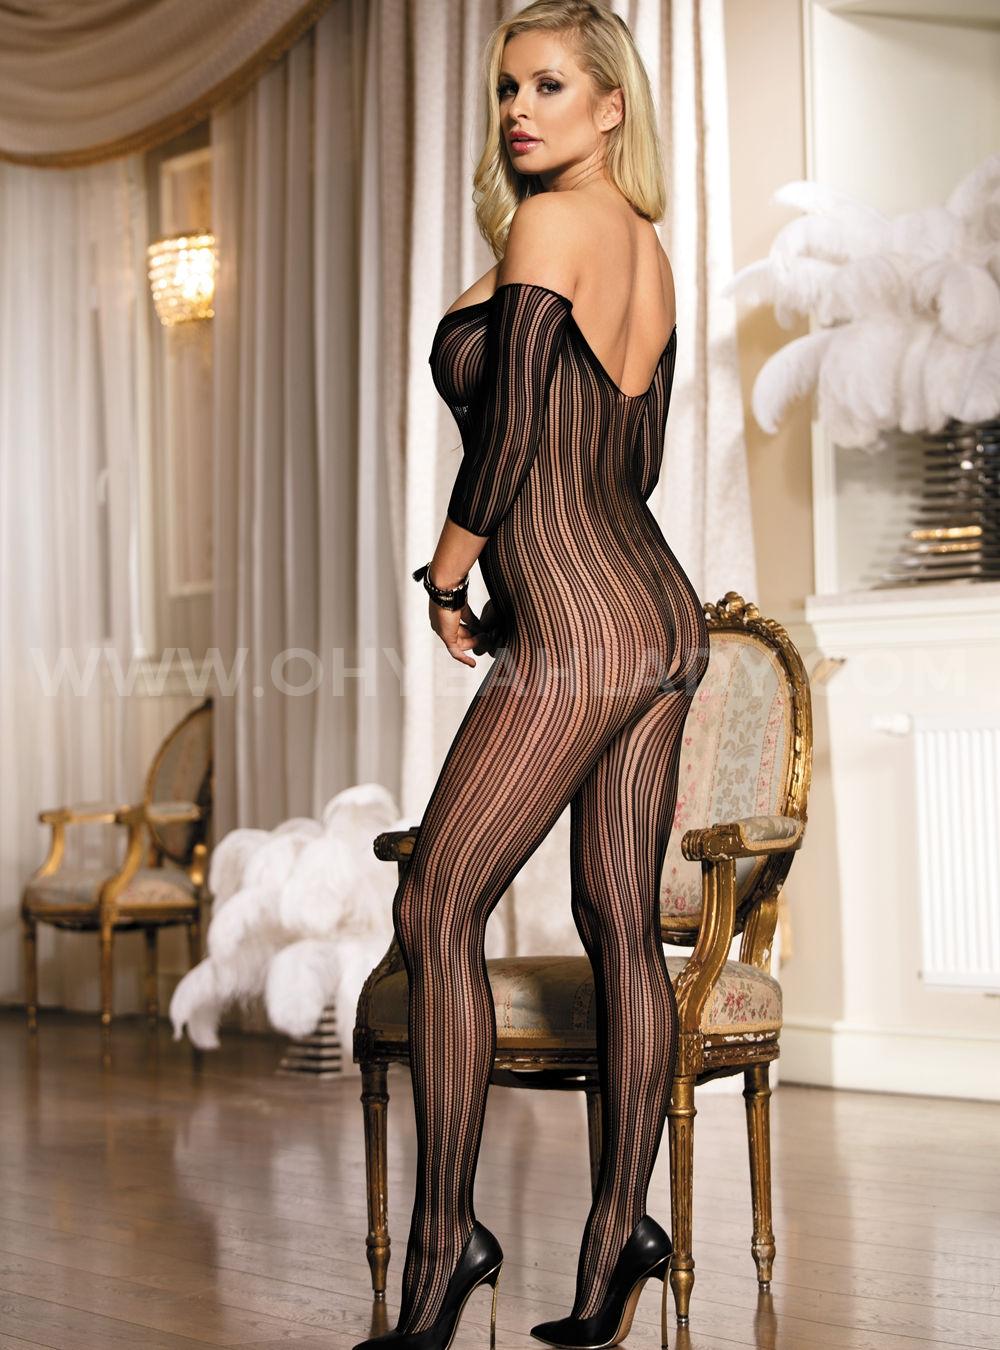 Women Sexy Lingerie Sheer Body Stockings Underwear Club Wear Babydoll Bodysuit